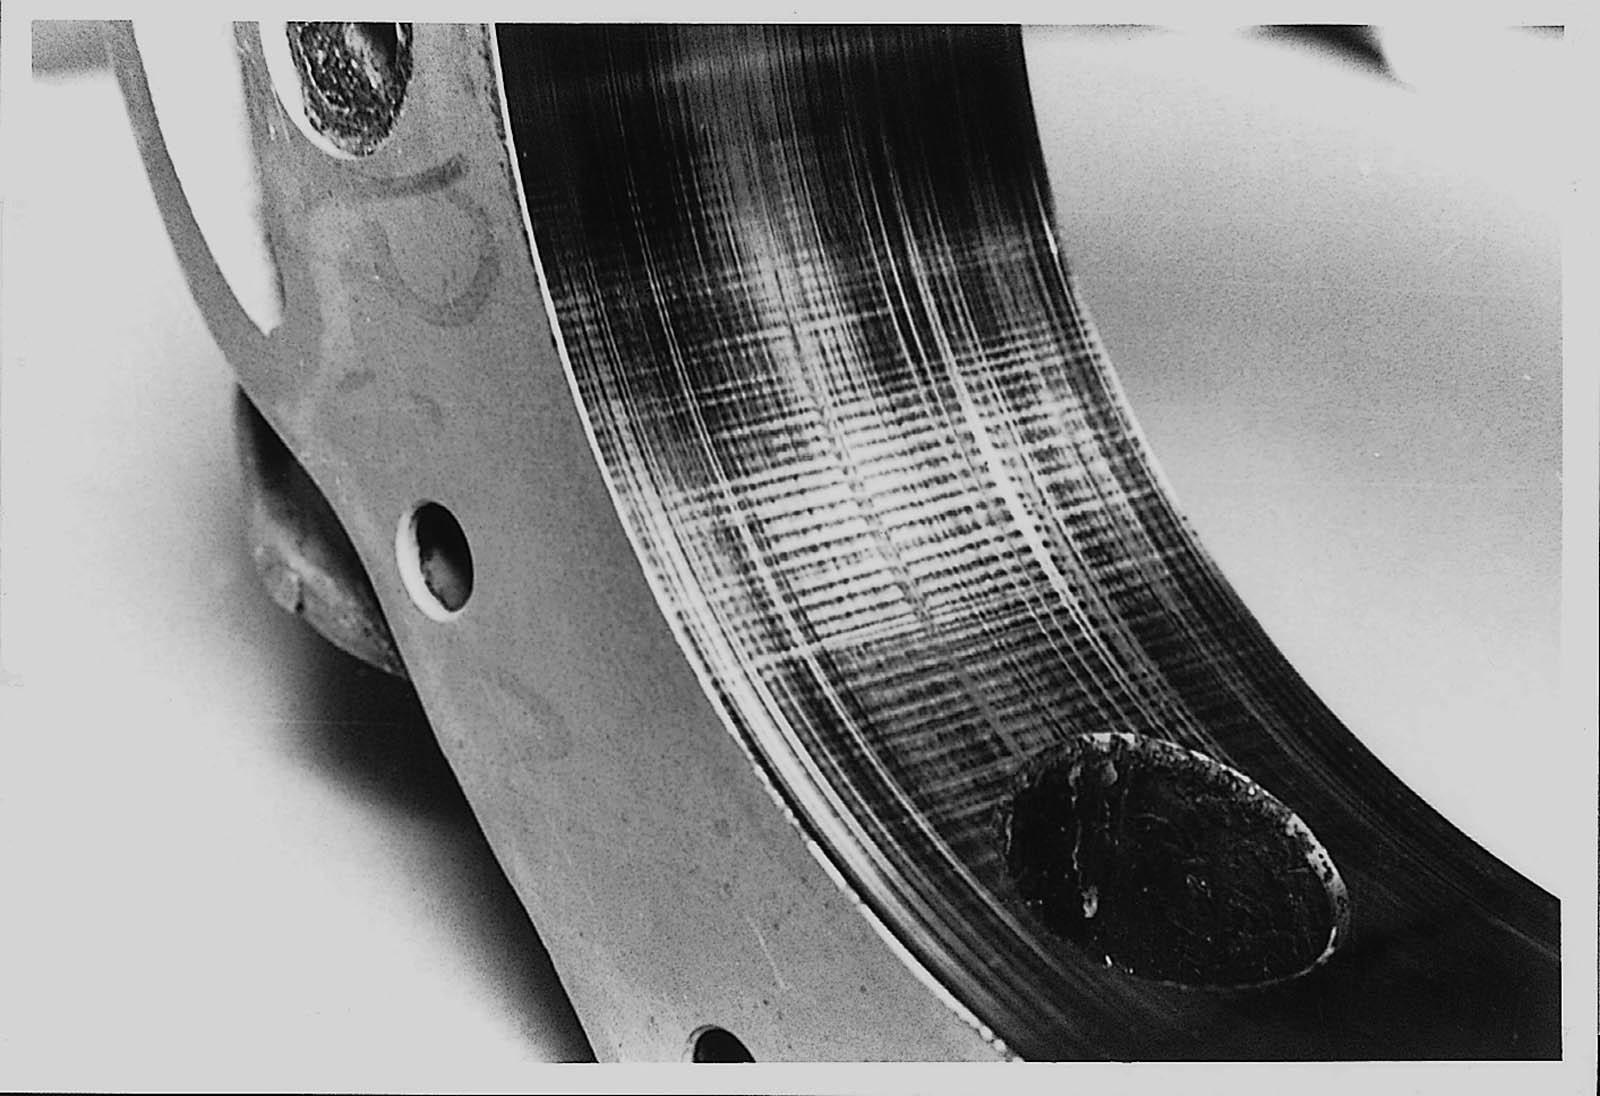 Mazda-50-years-of-rotary-p10_03